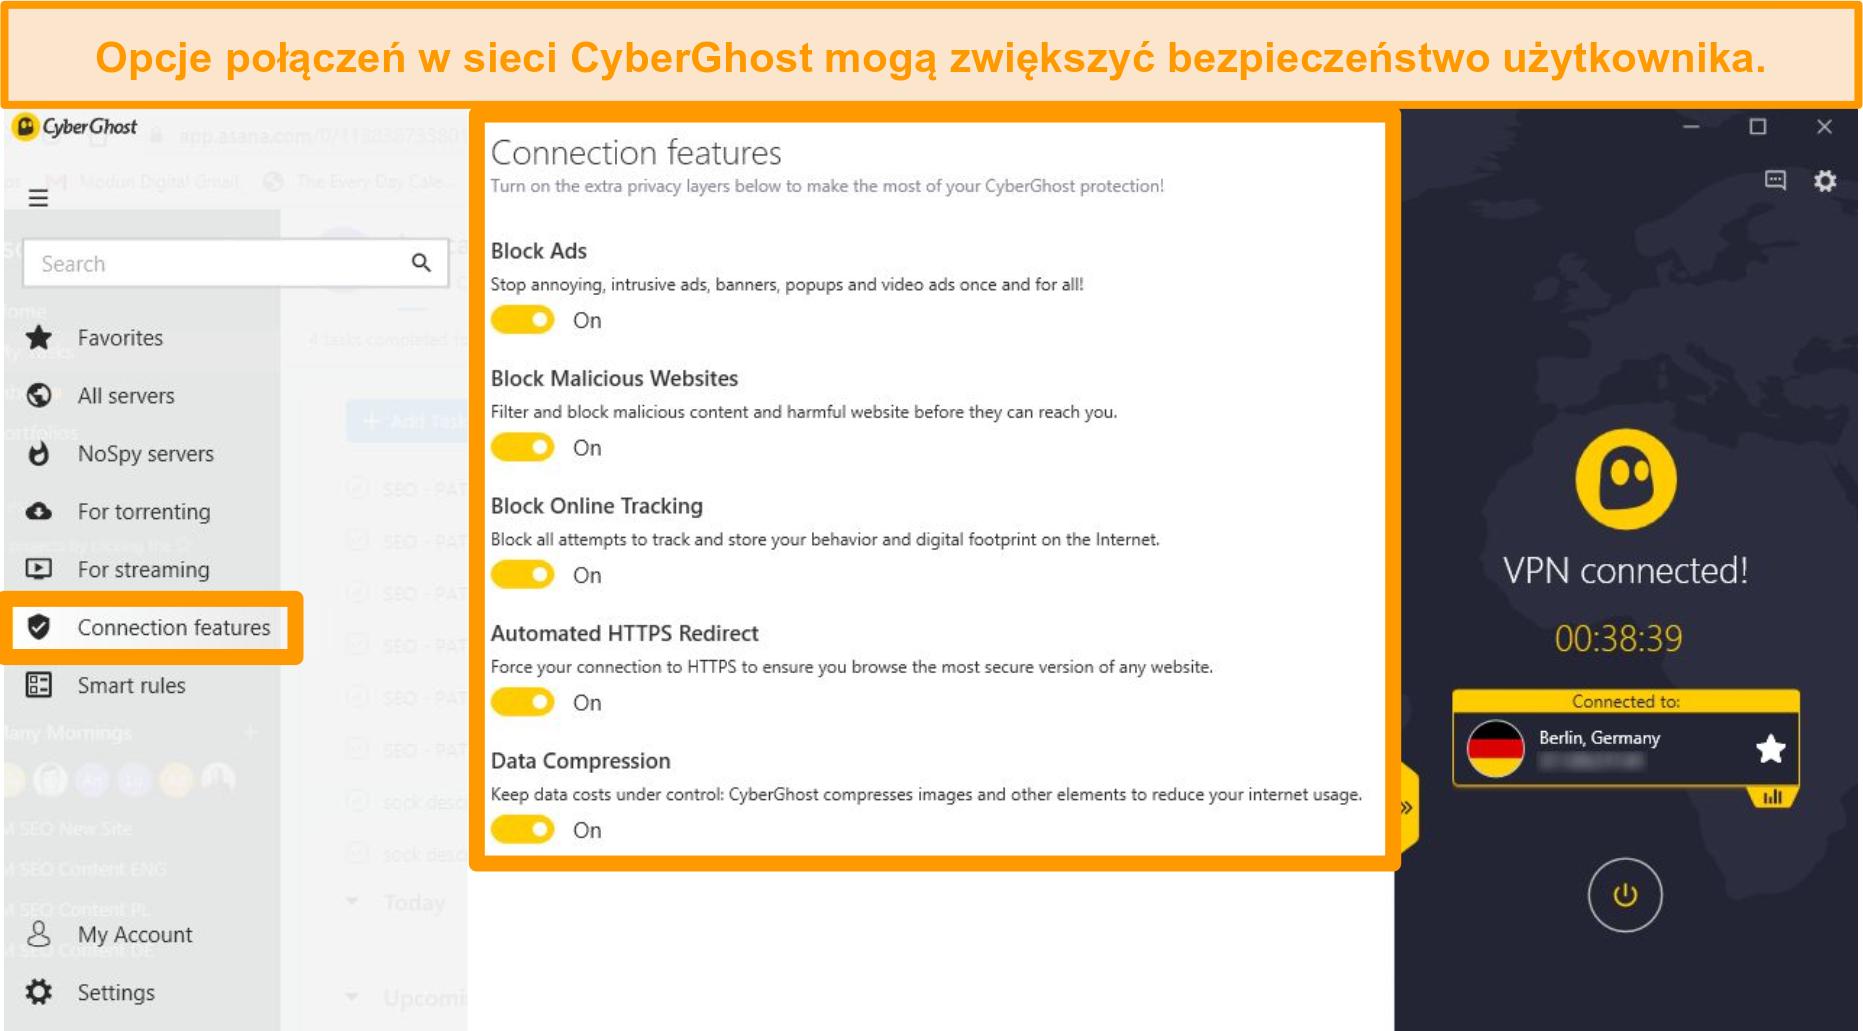 Zrzut ekranu przedstawiający funkcje połączenia CyberGhost w celu poprawy bezpieczeństwa online